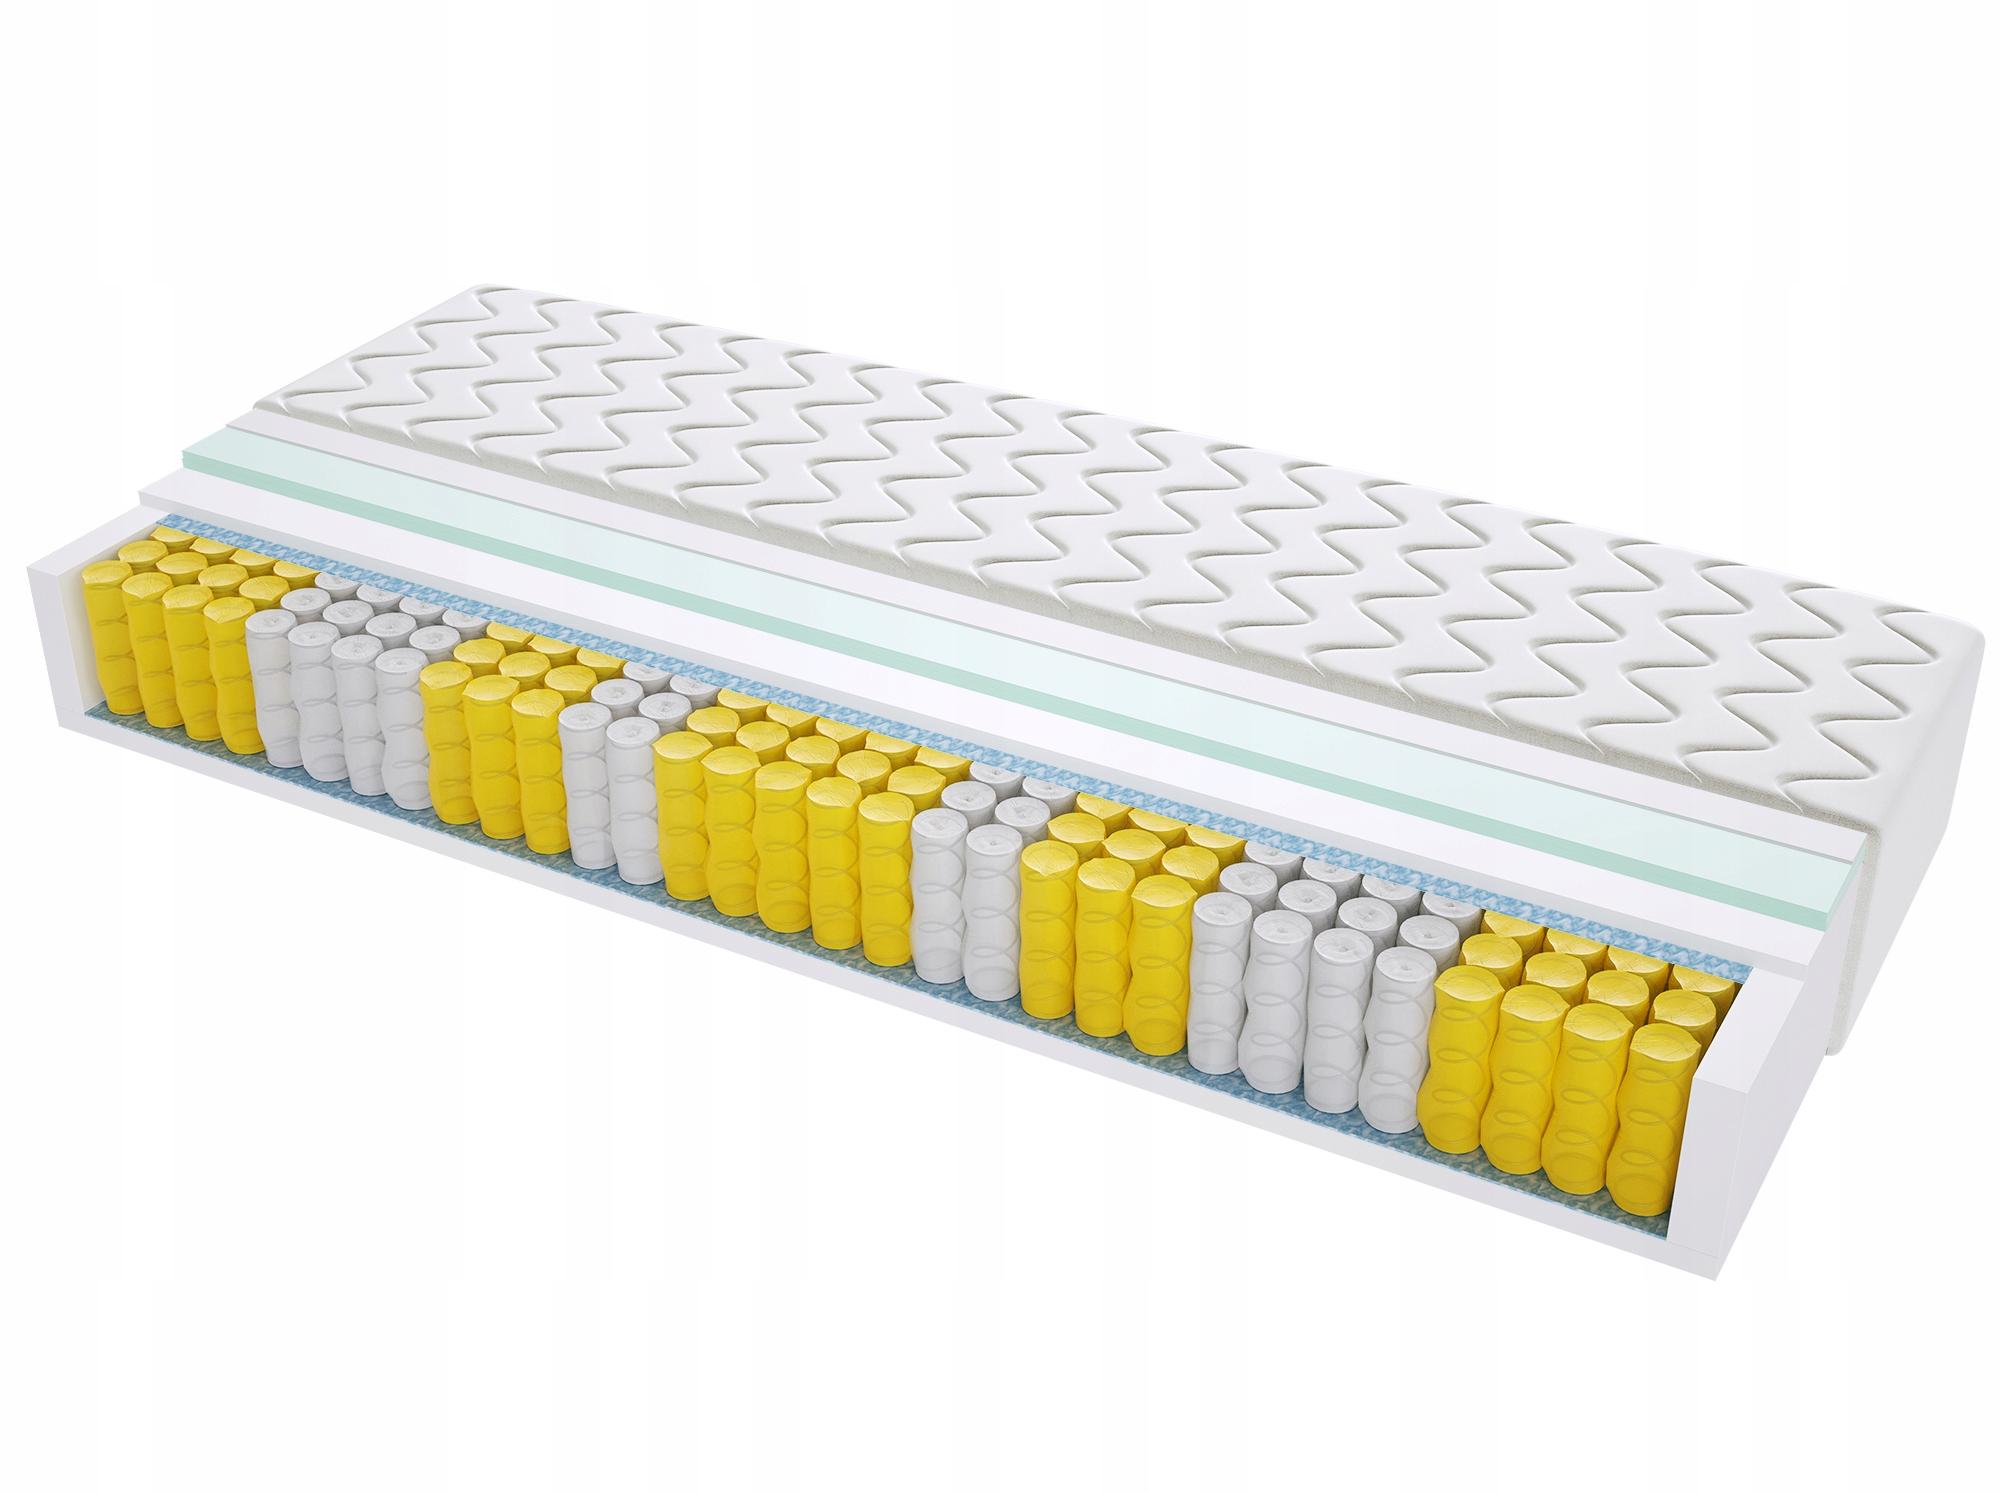 Badalona matrac 120x200 detských Oddelení Poc